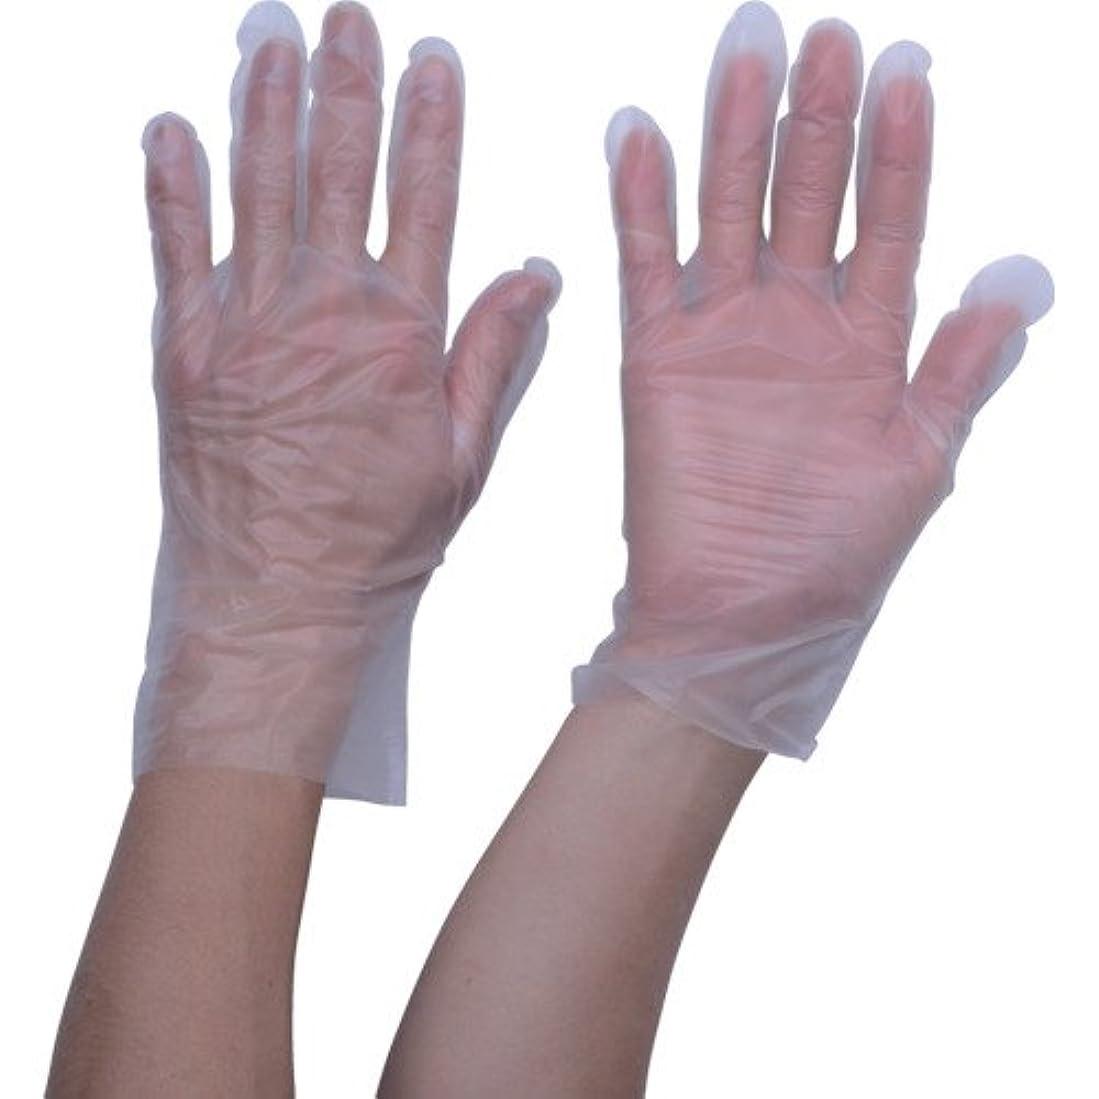 成熟幽霊受賞TRUSCO ポリエチレン 使い捨て手袋 ウェーブカットタイプM (100枚入)(入数:100枚) TGCPE025M